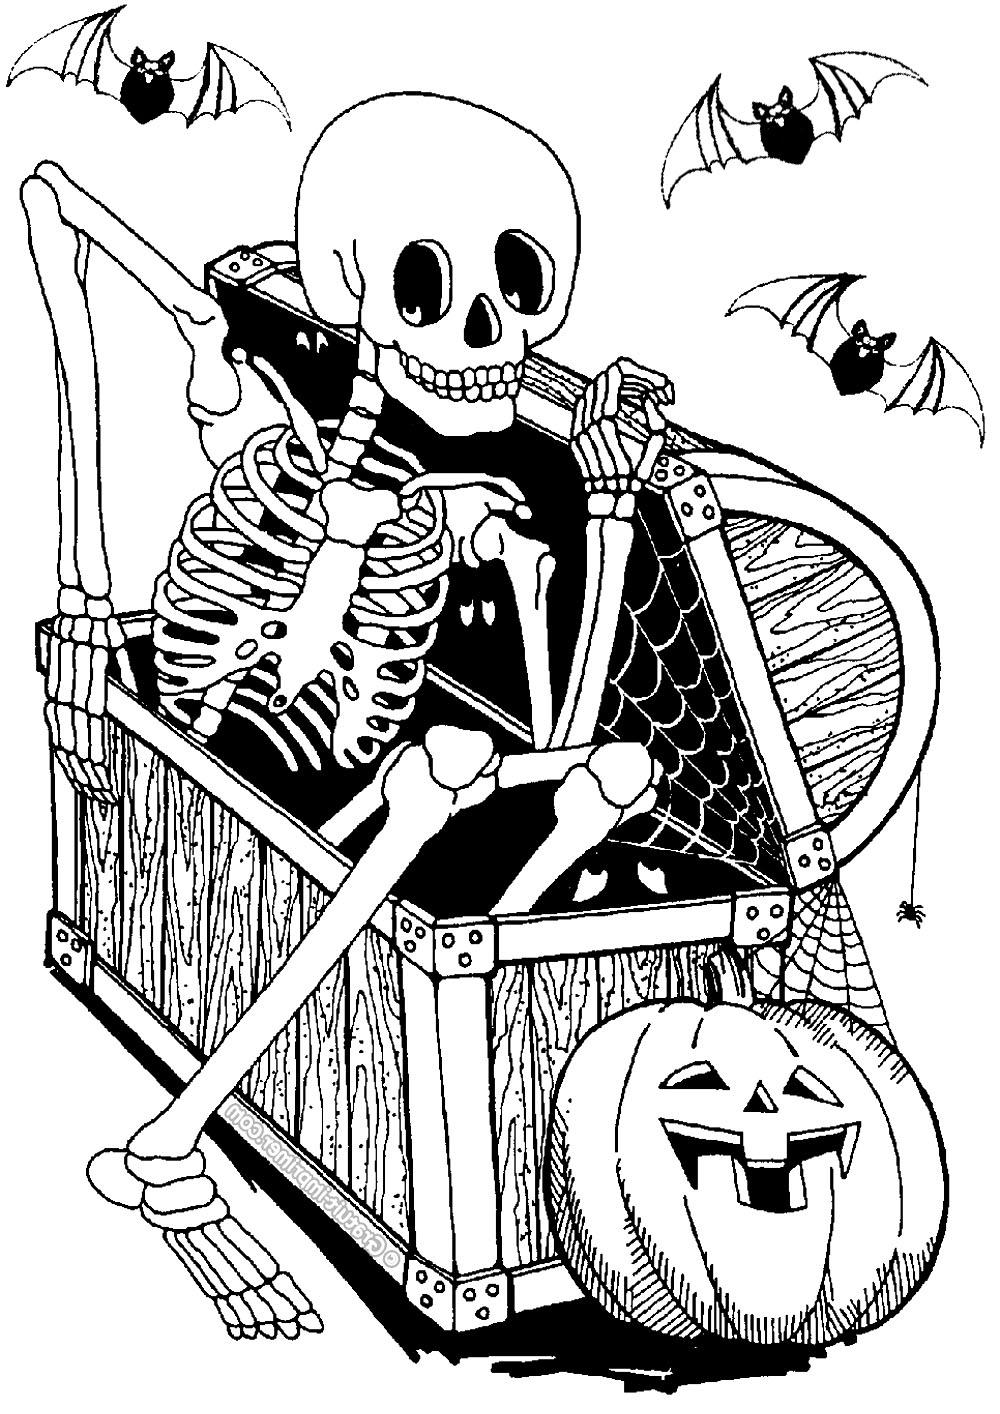 Drôle de squelette caché dans un coffre